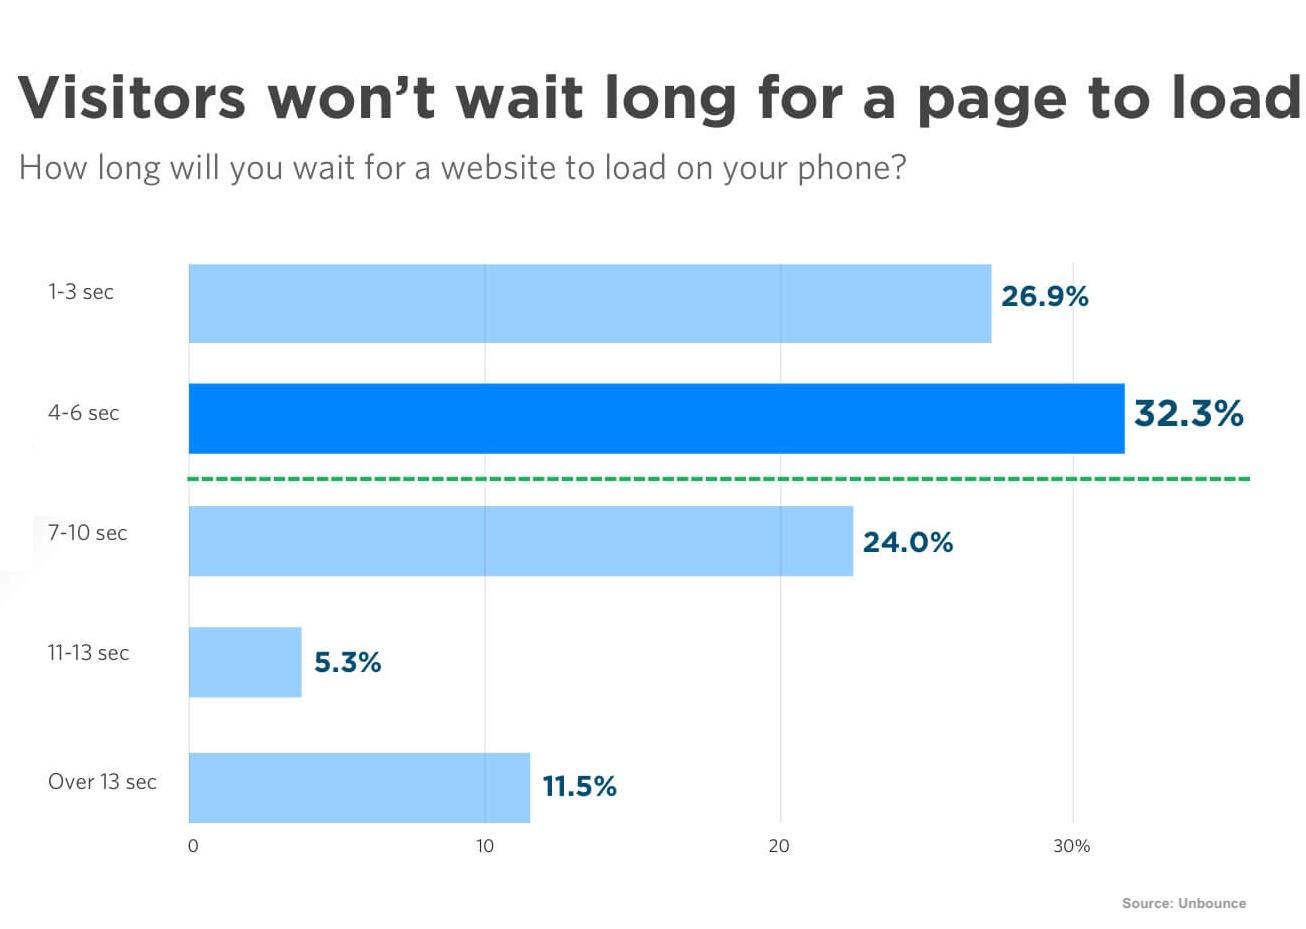 Cuanto esperan los visitantes a que una página cargue